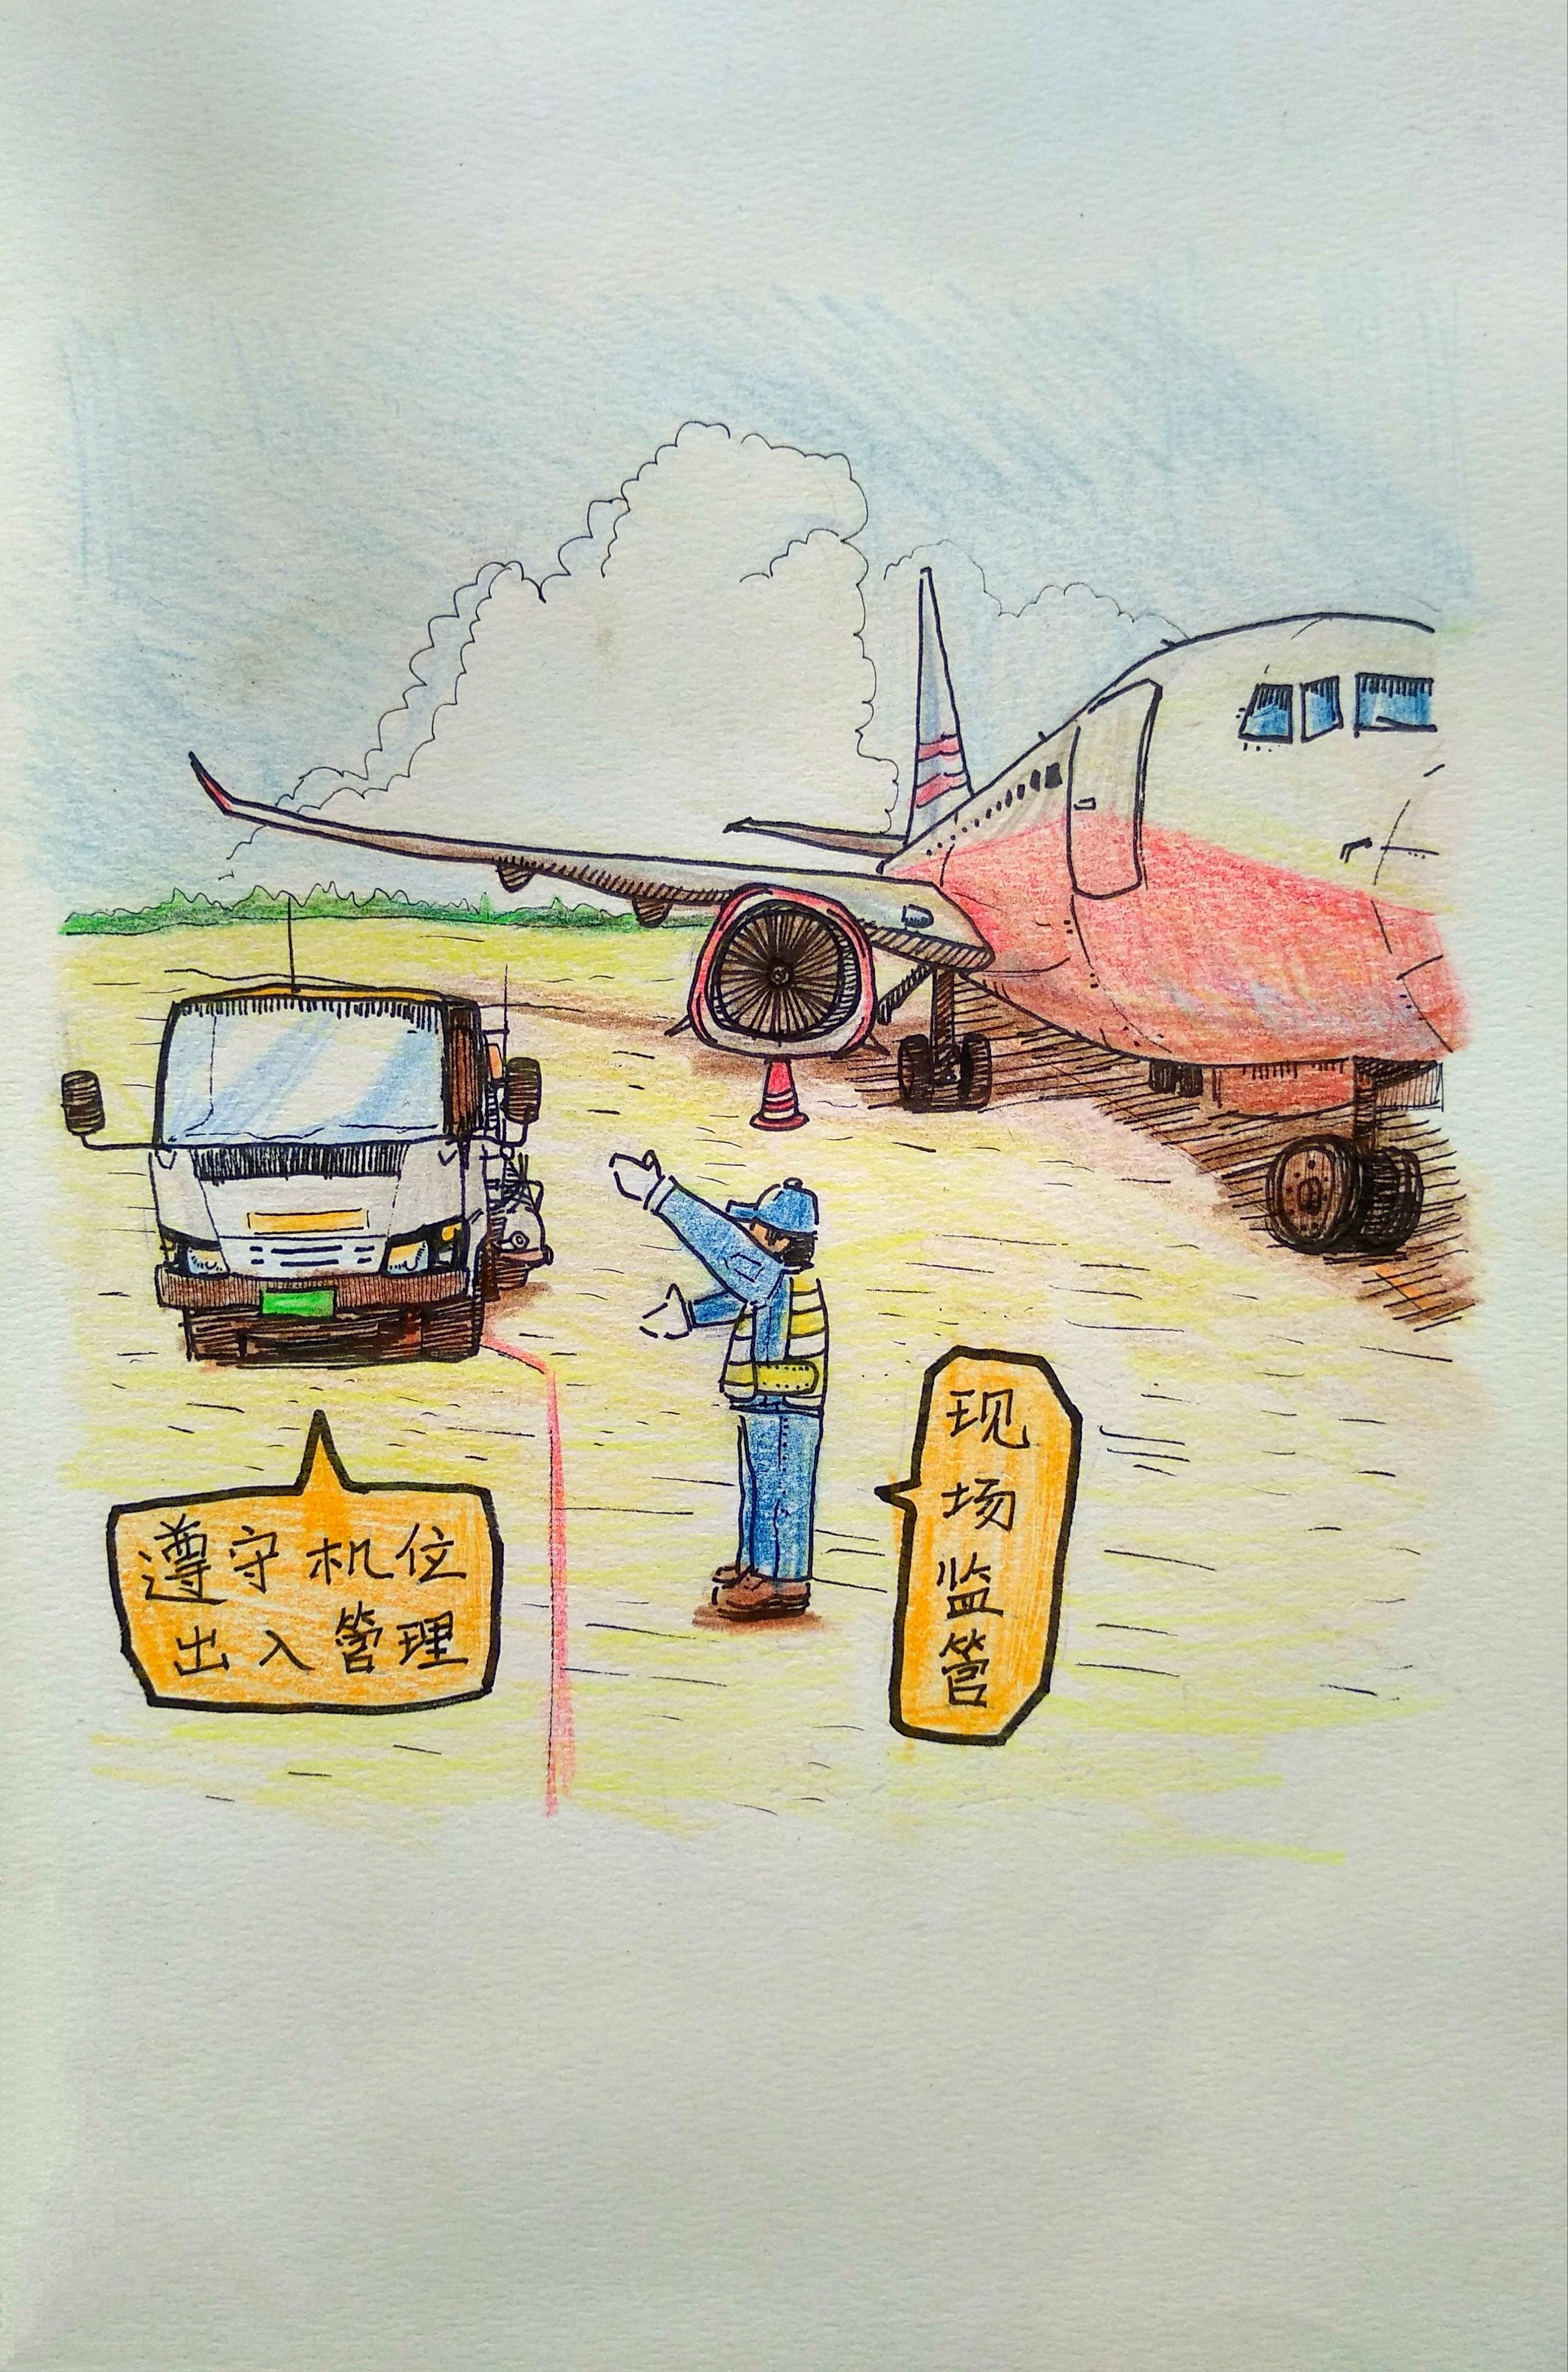 中国航油工会立足本职,聚力包管航油供应僻静!''